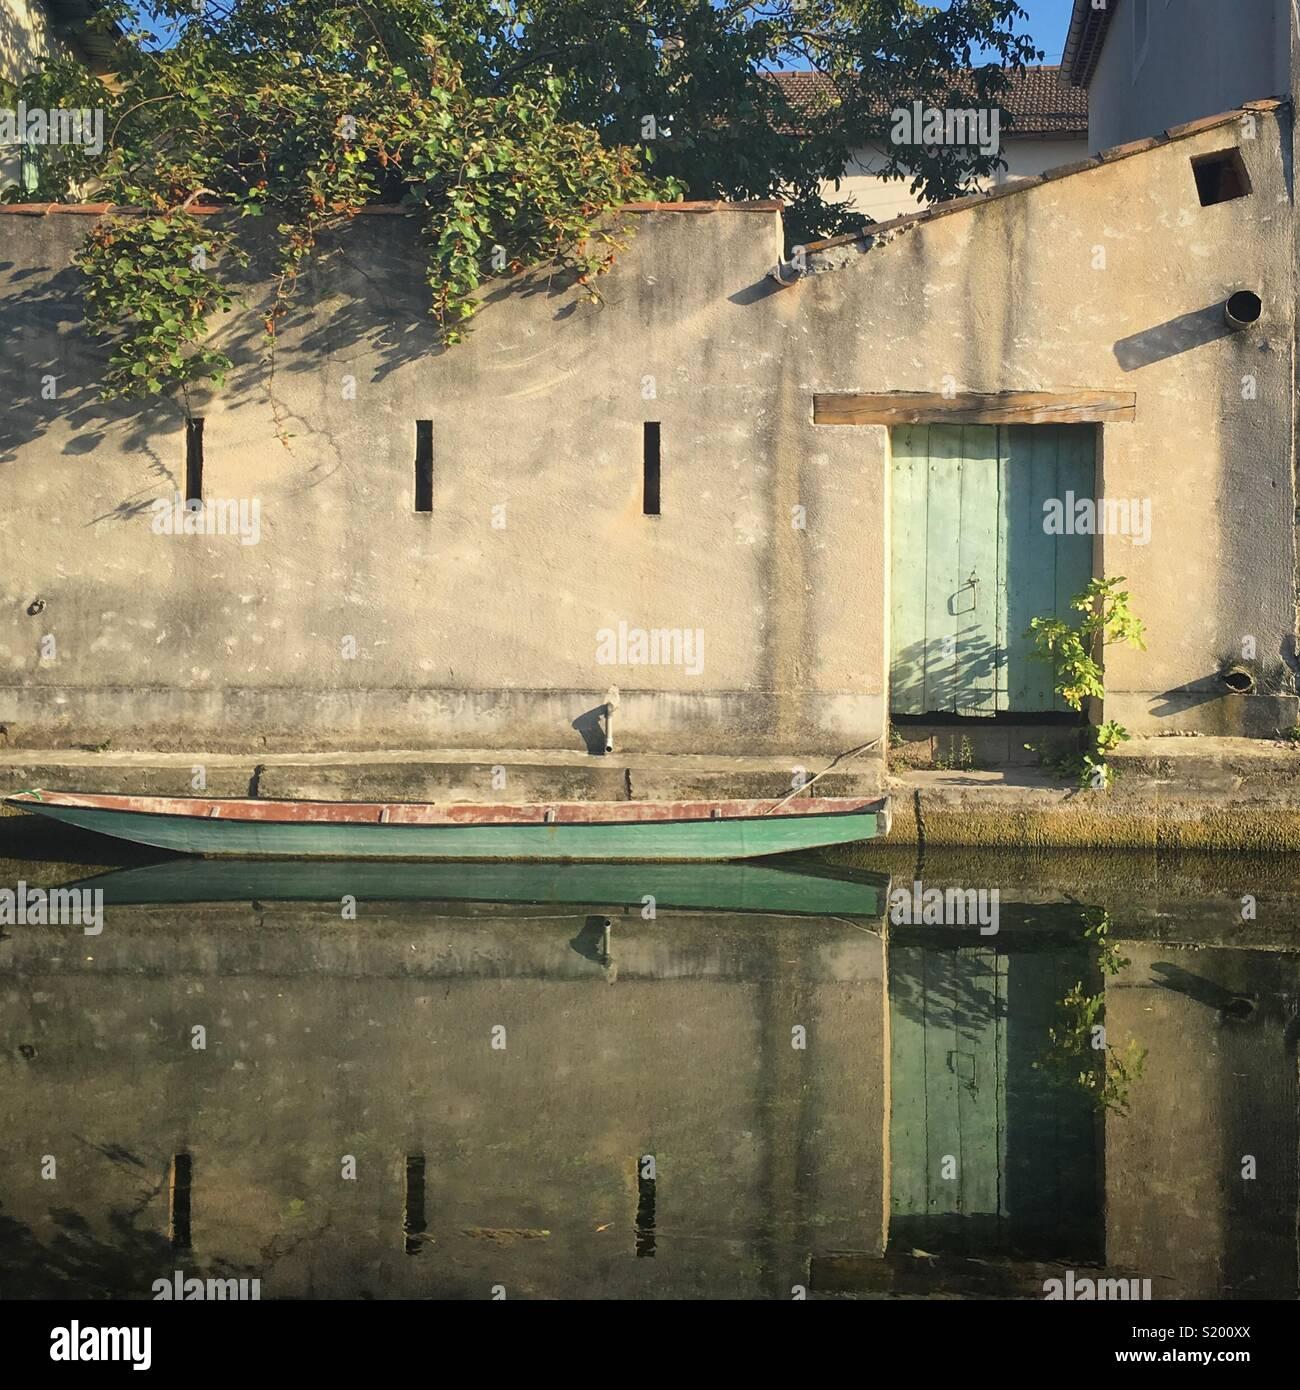 Un barco en el agua tranquila de L'Isle sur la Sorgue, Provenza, Francia Imagen De Stock